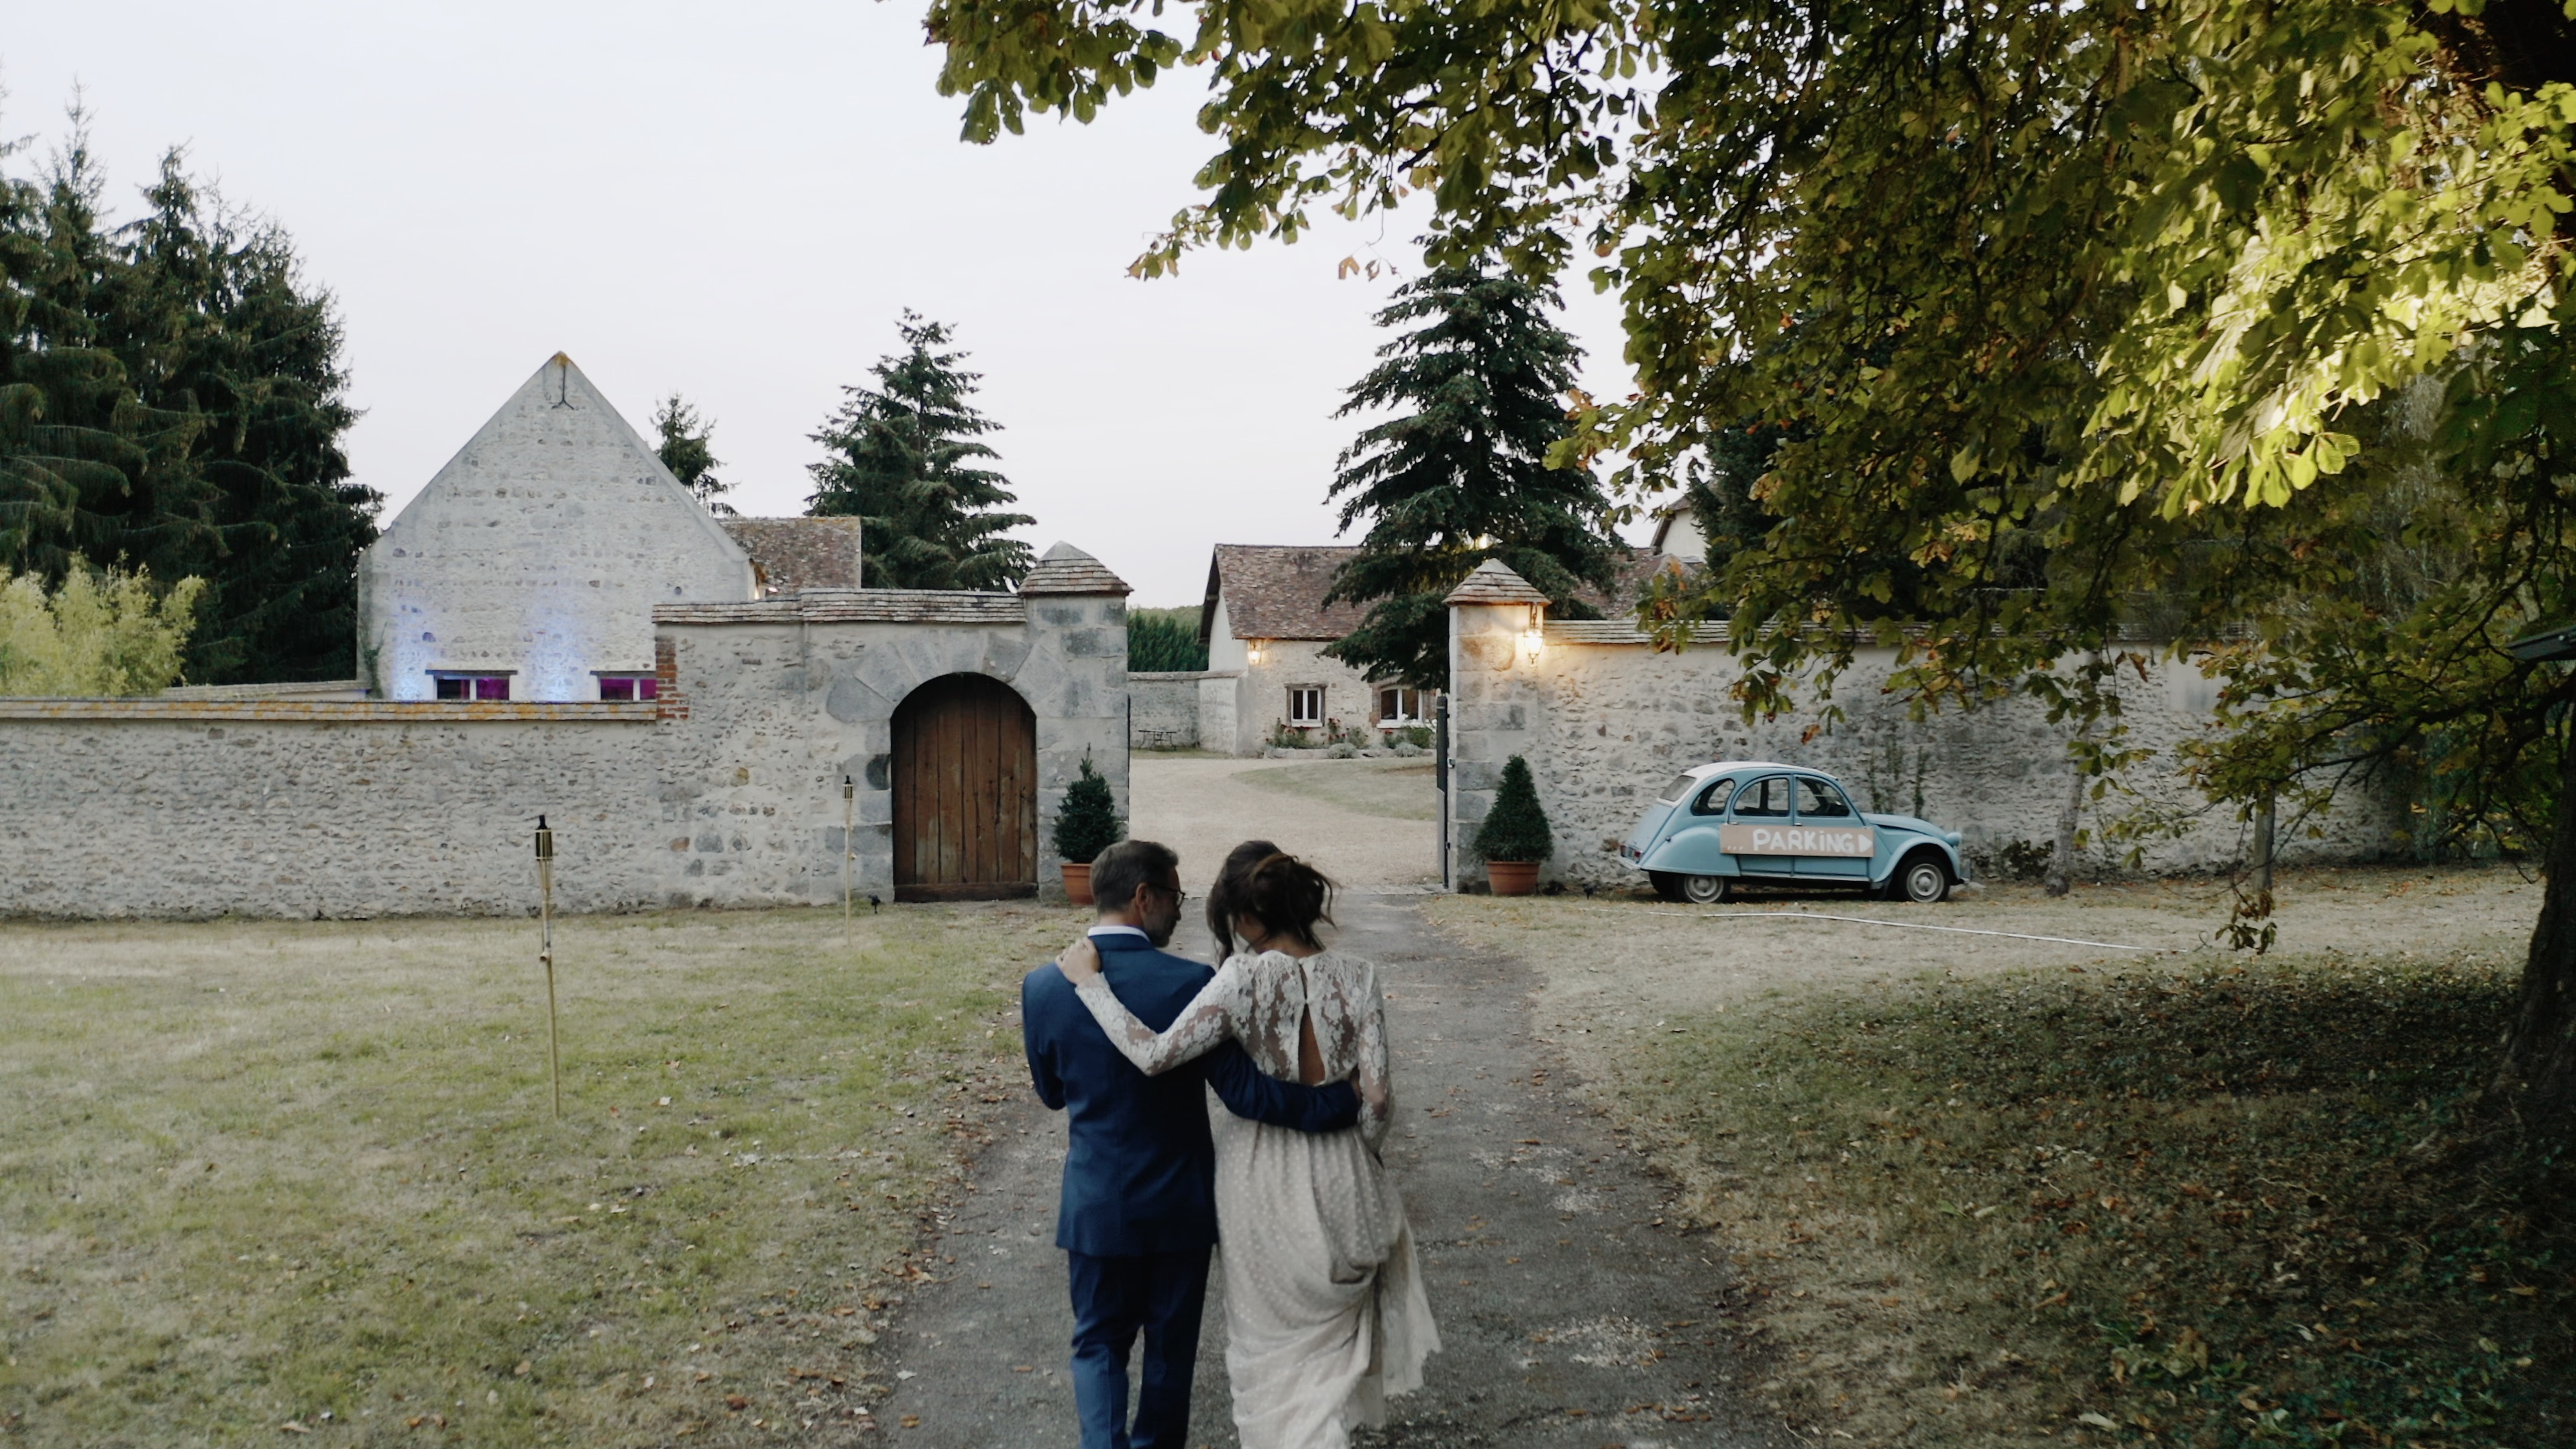 L'arrivée des mariés depuis l'allée des peupliers par AlisonPhotographer pour MC2 Mon Amour